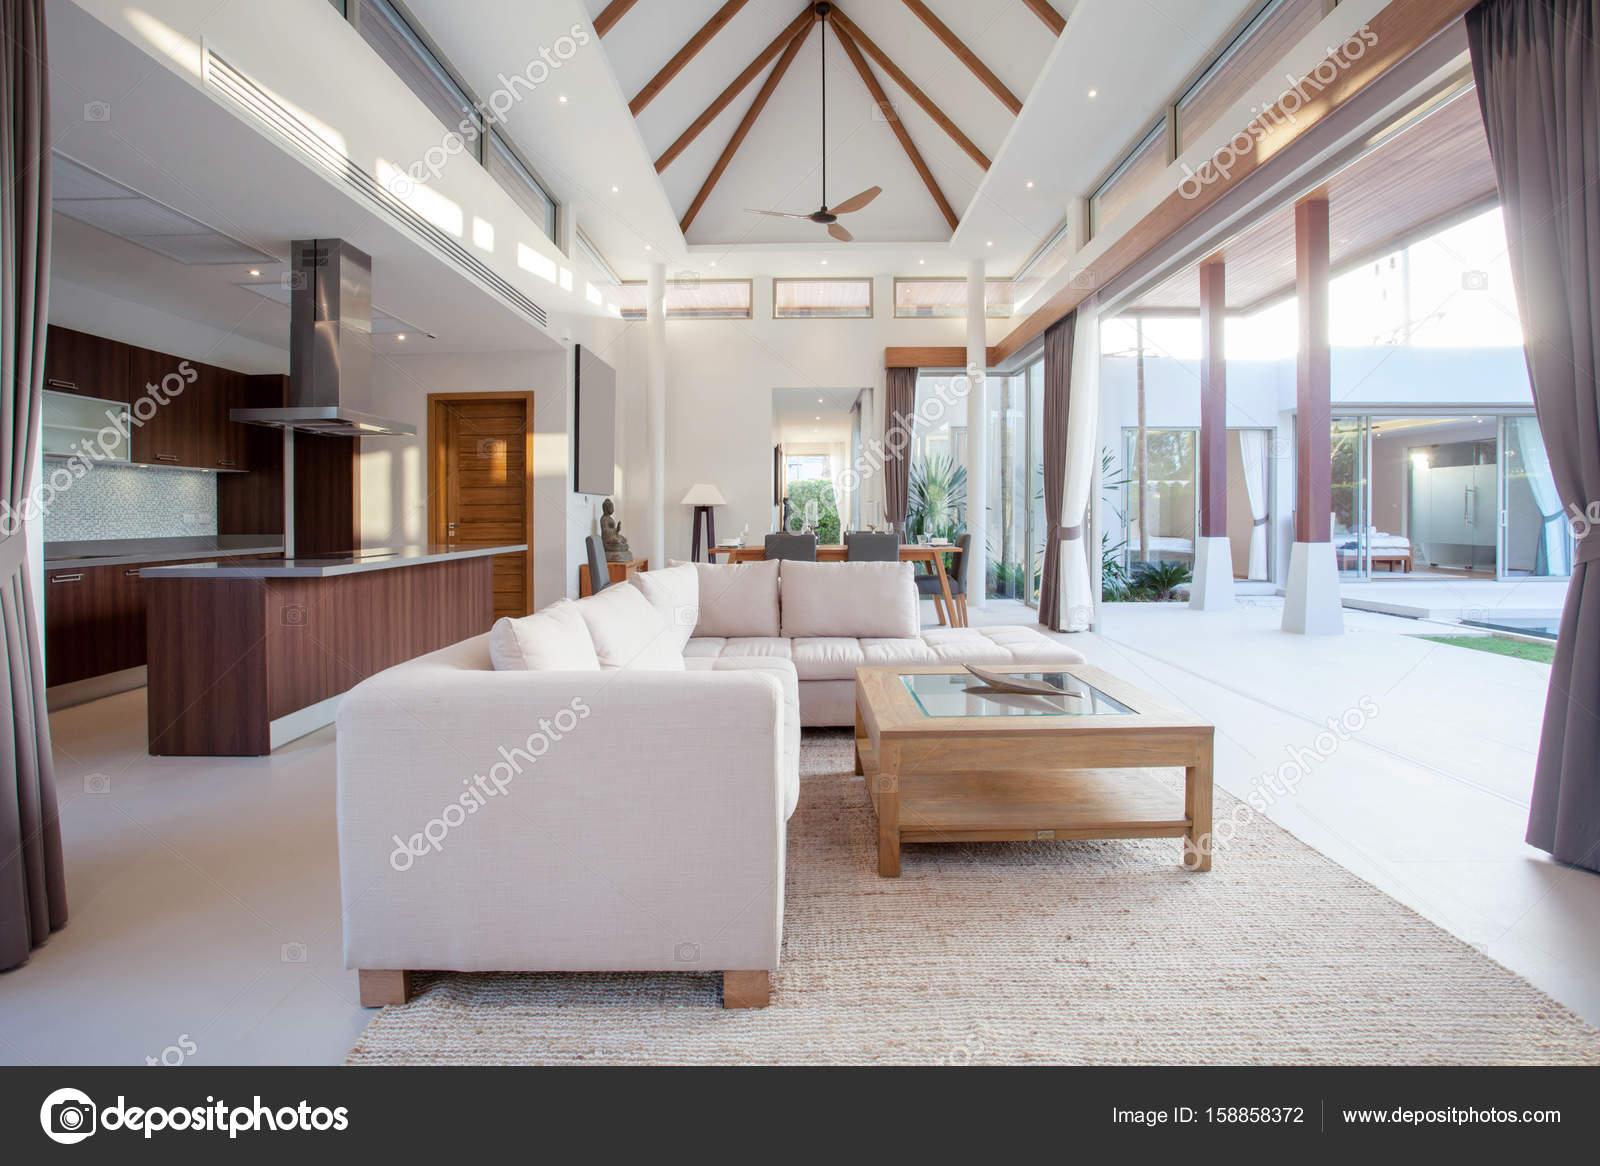 Luxus Inneneinrichtung Im Wohnzimmer Der Villen Mit Pool. Luftigen Und  Hellen Raum Mit Erhöhten Deckenhöhe